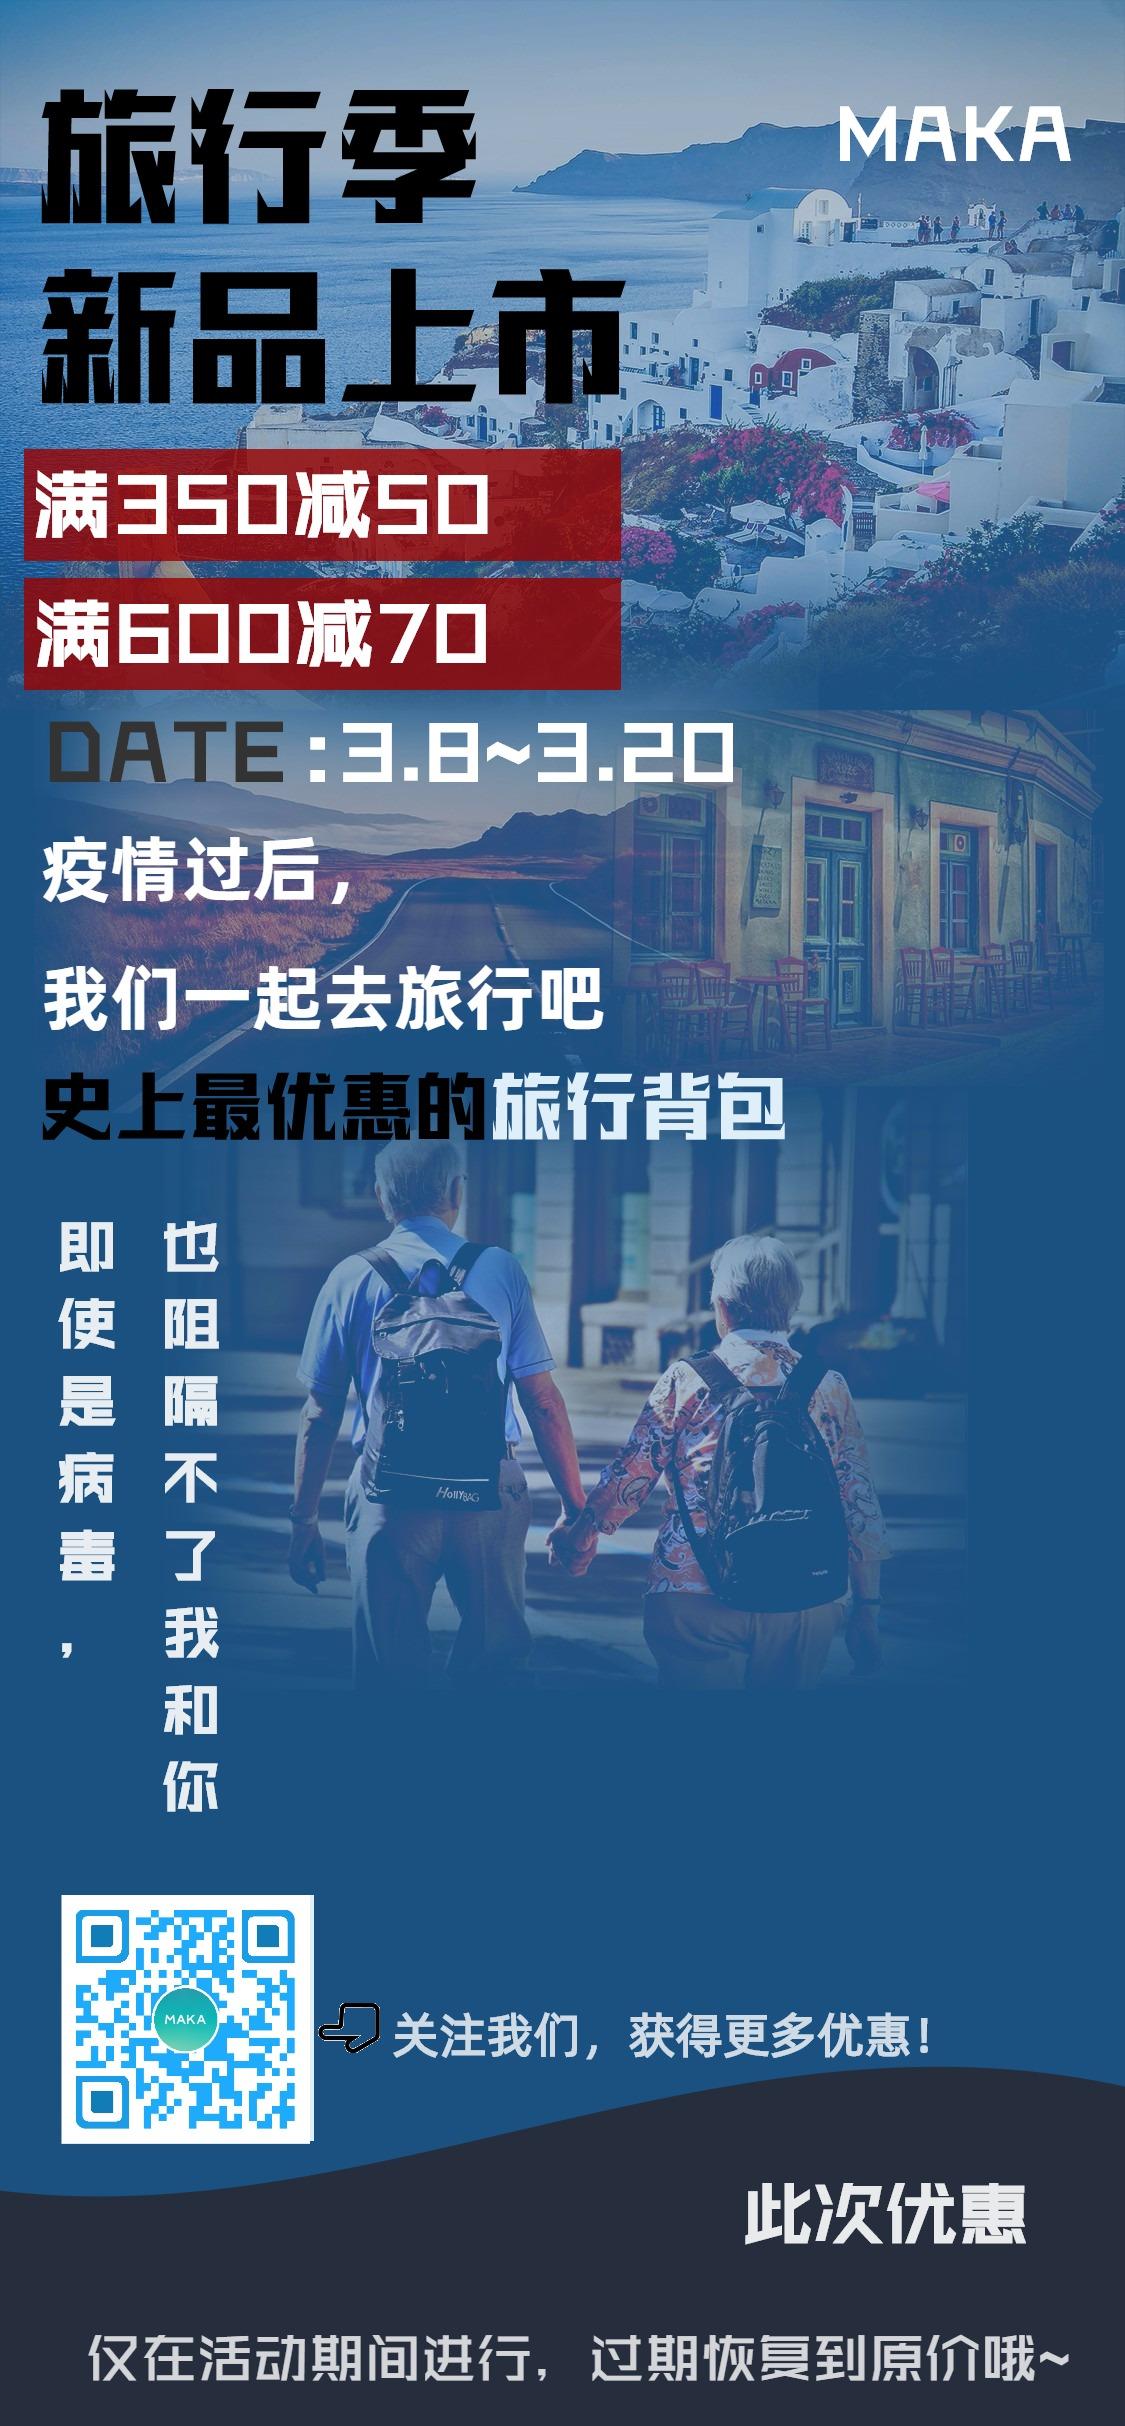 蓝色旅行疫情之后旅行产品促销宣传海报